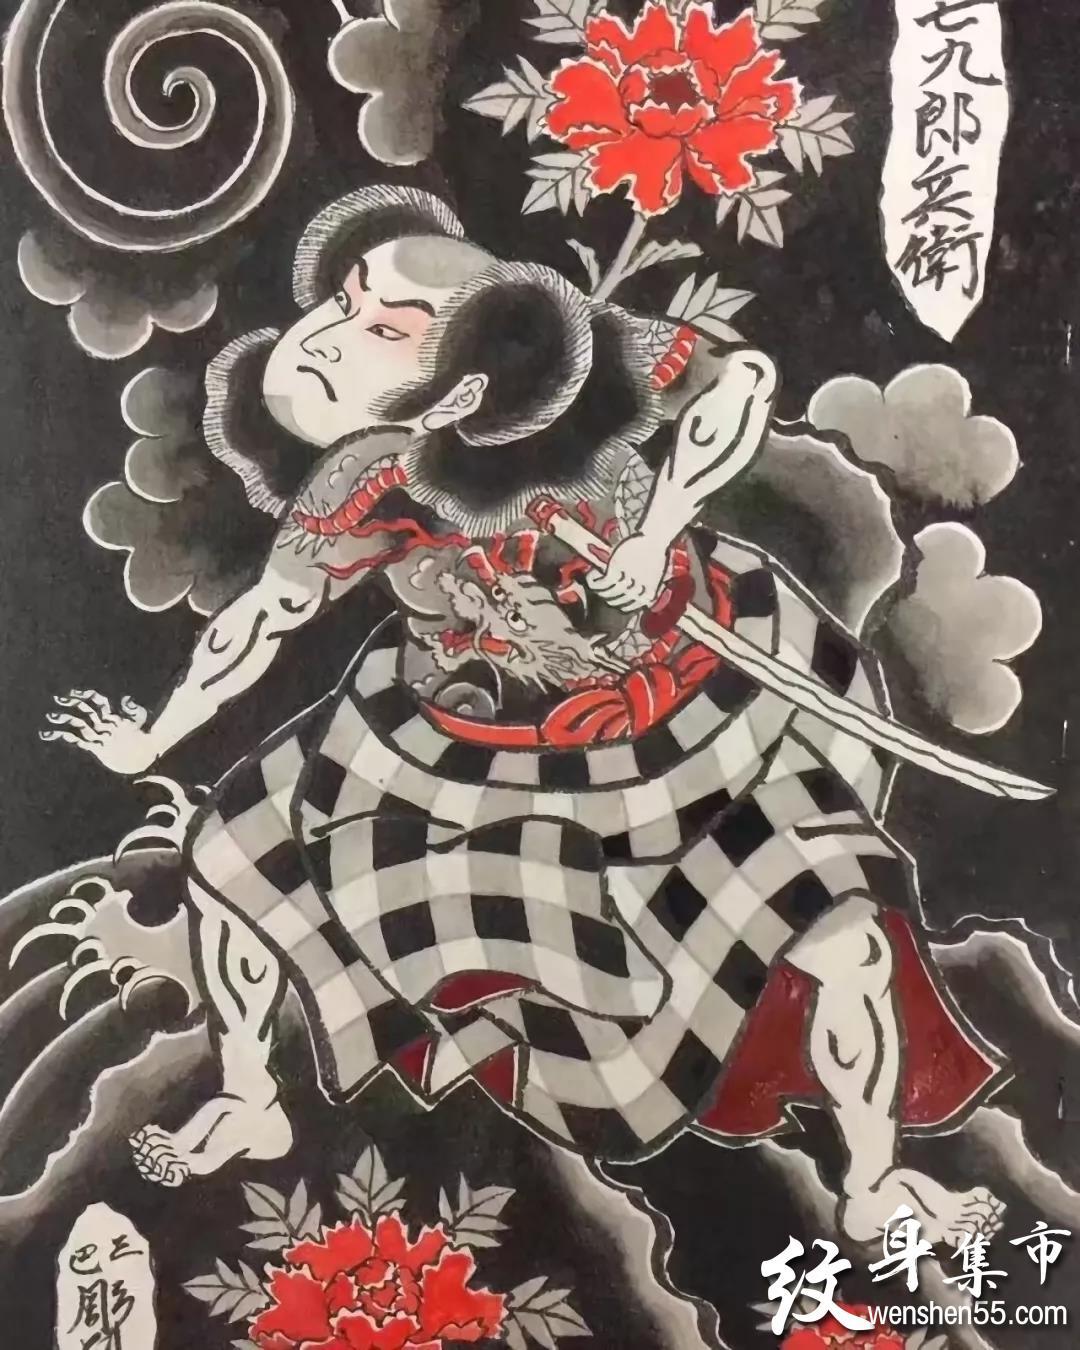 日式版雾纹身,日式满背版雾纹身手稿,日式满背手臂版雾纹身手稿图案